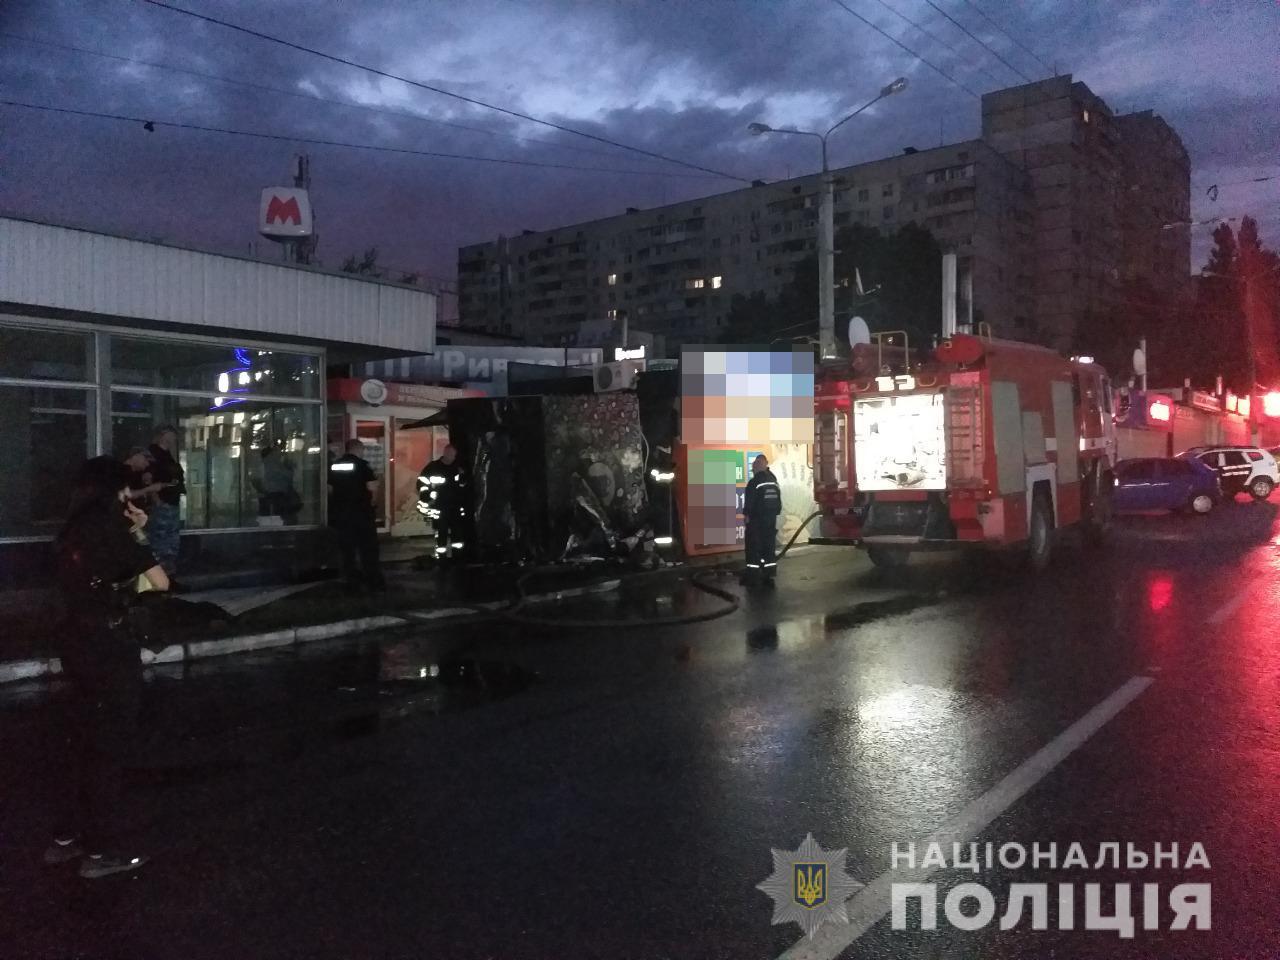 Полиция объединила поджоги сигаретных киосков и автомобилей в одно дело (фоторепортаж)